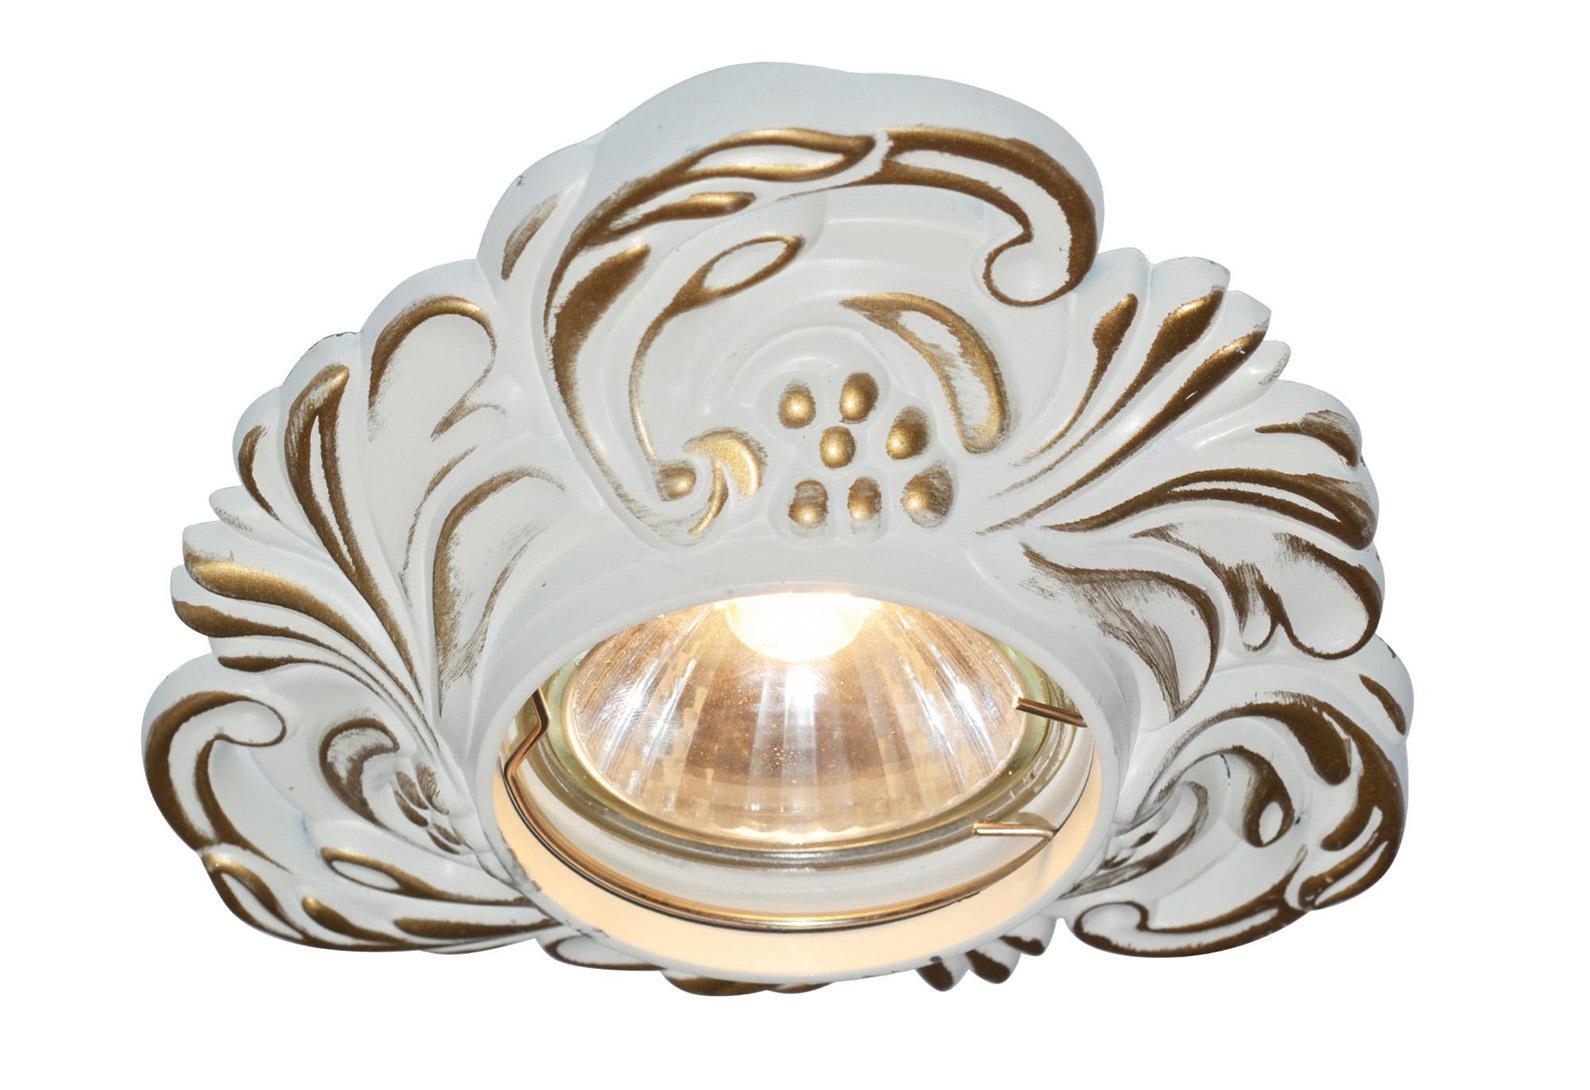 A5285PL-1SG OCCHIO Встраиваемый светильникA5285PL-1SG1x50W; патроны GU10 и G5,3 в комплекте Материал: Арматура: Металл, литьеРазмер: 120x120x45Цвет: Матовое золото